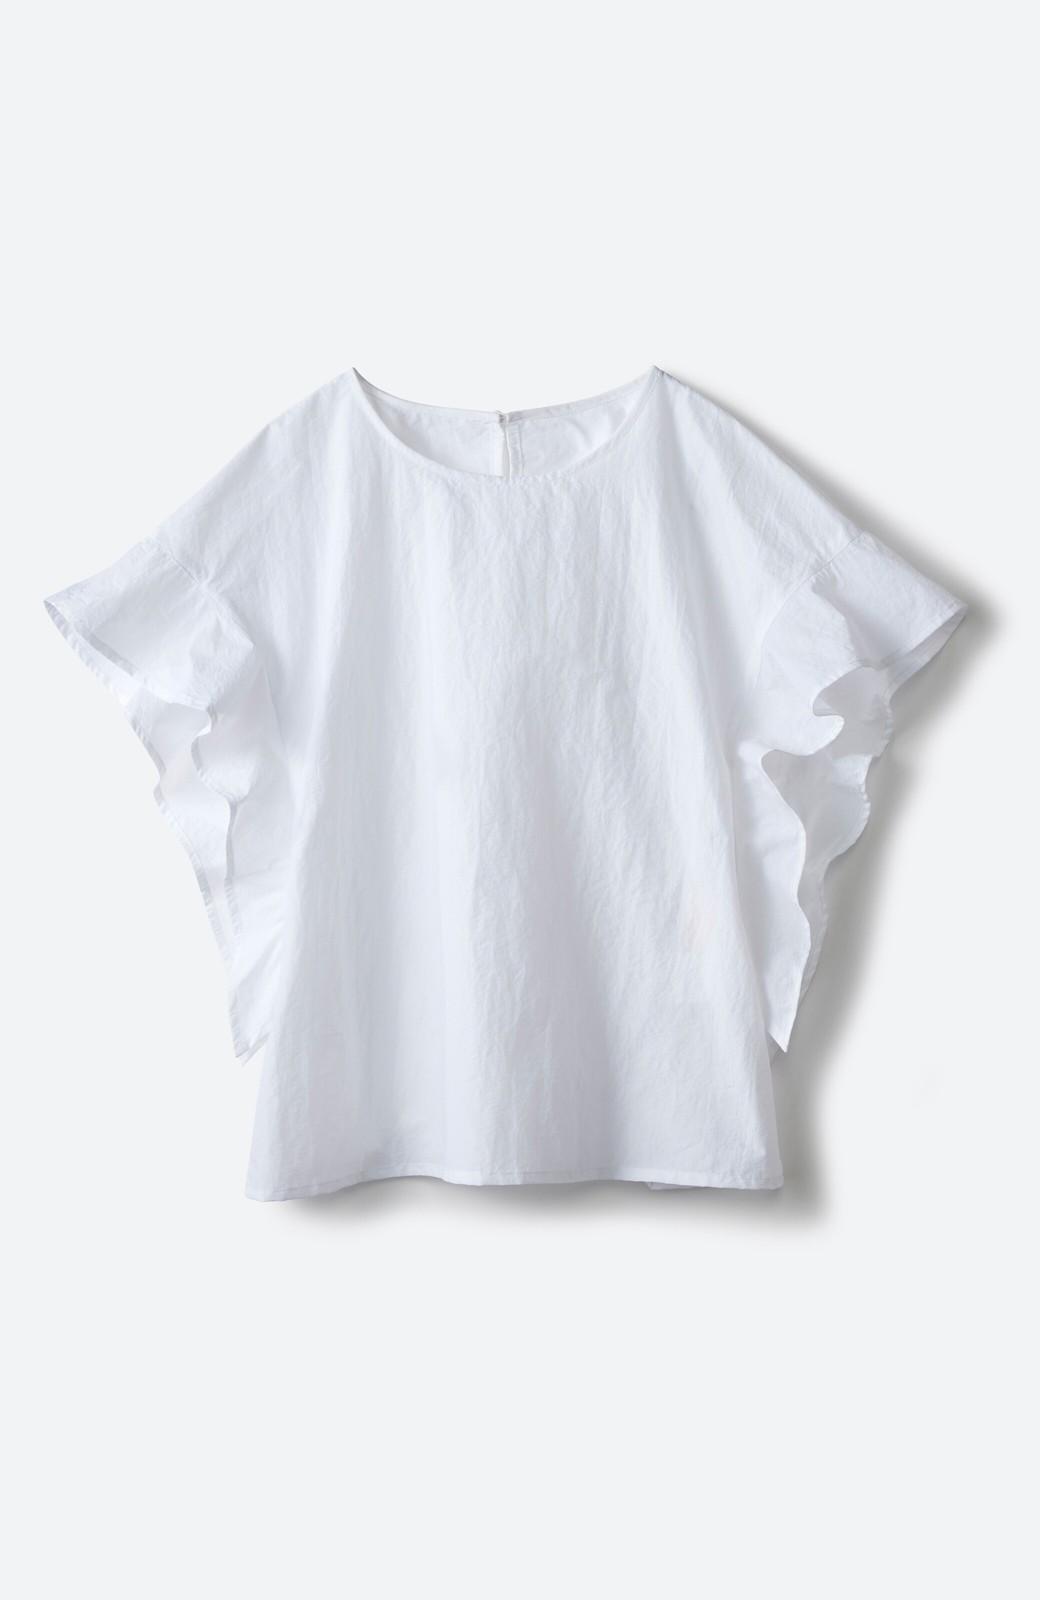 haco! 【洗濯機洗いOK】じゃぶじゃぶ洗える便利なフリルスリーブブラウス <ホワイト>の商品写真3